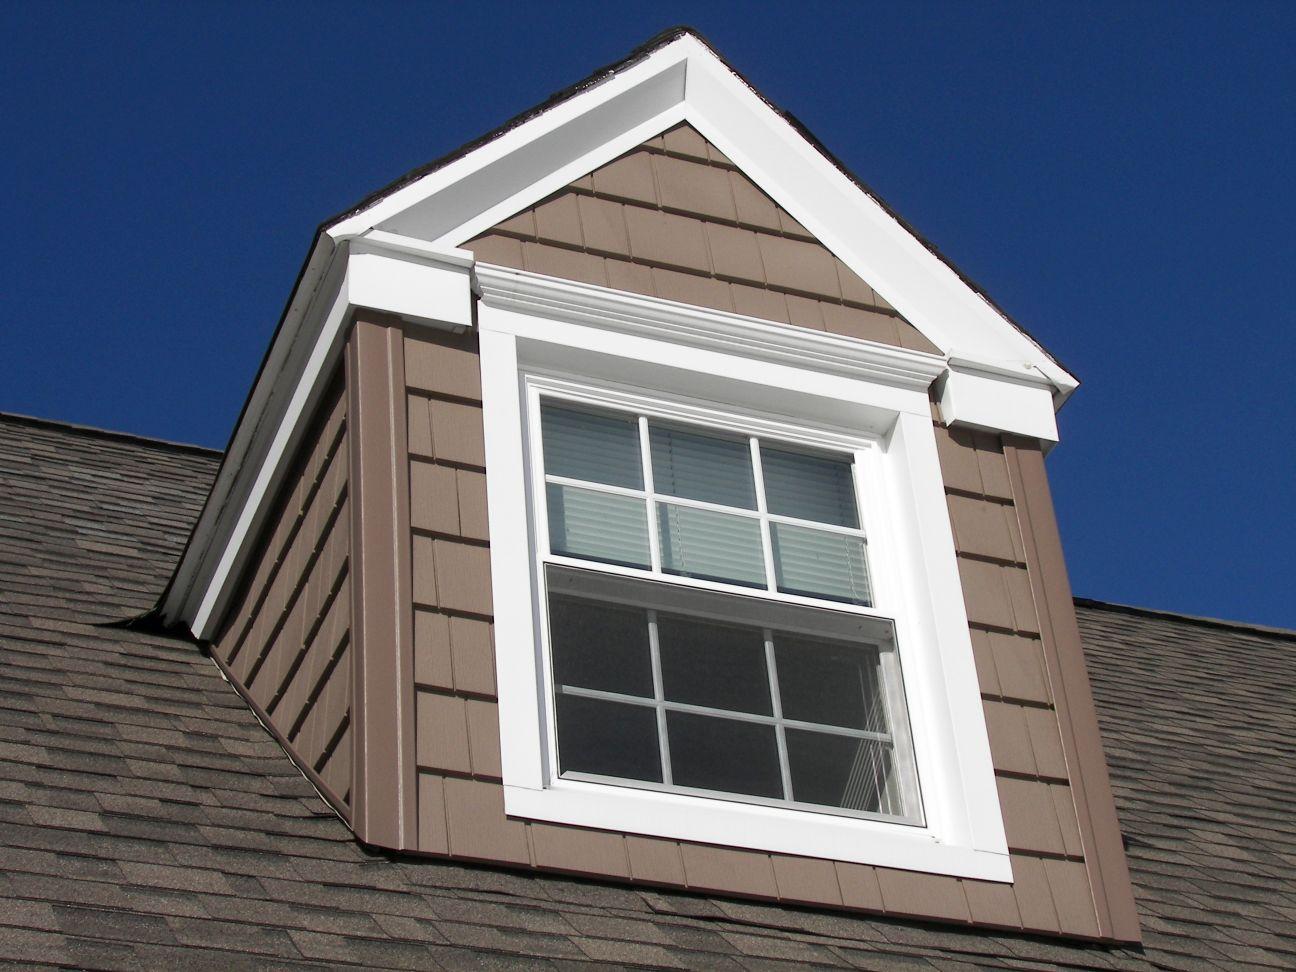 windows-003